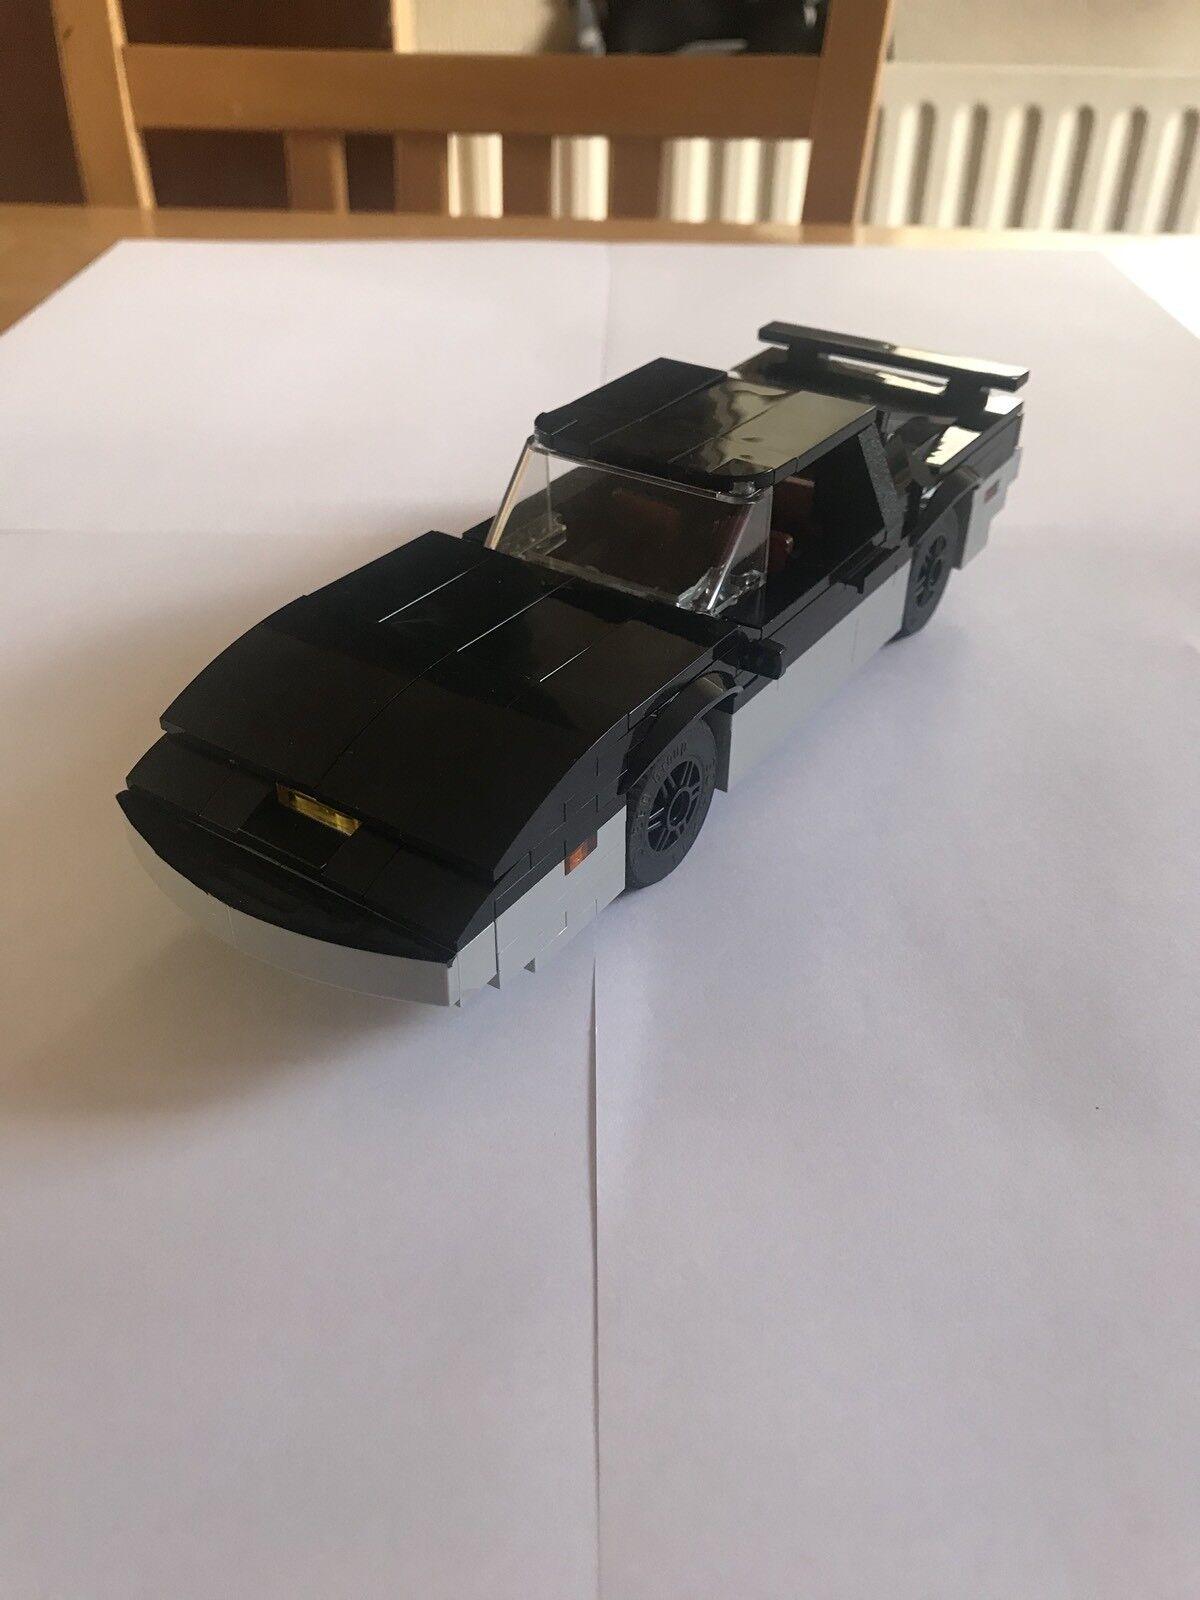 Dans l'attente l'attente l'attente de la ville, retenant votre souffle Knightrider Custom Built LEGO 1982 KARR badb5c